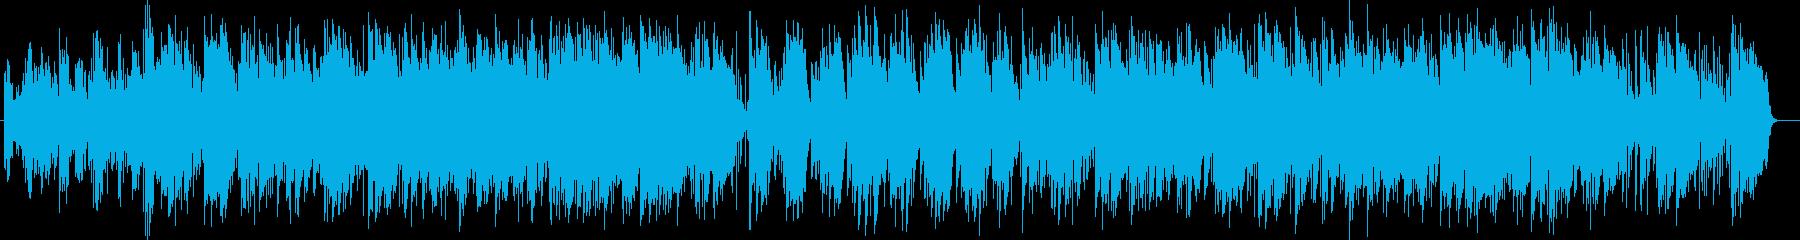 安心感のあるゆっくりしたテンポの曲の再生済みの波形